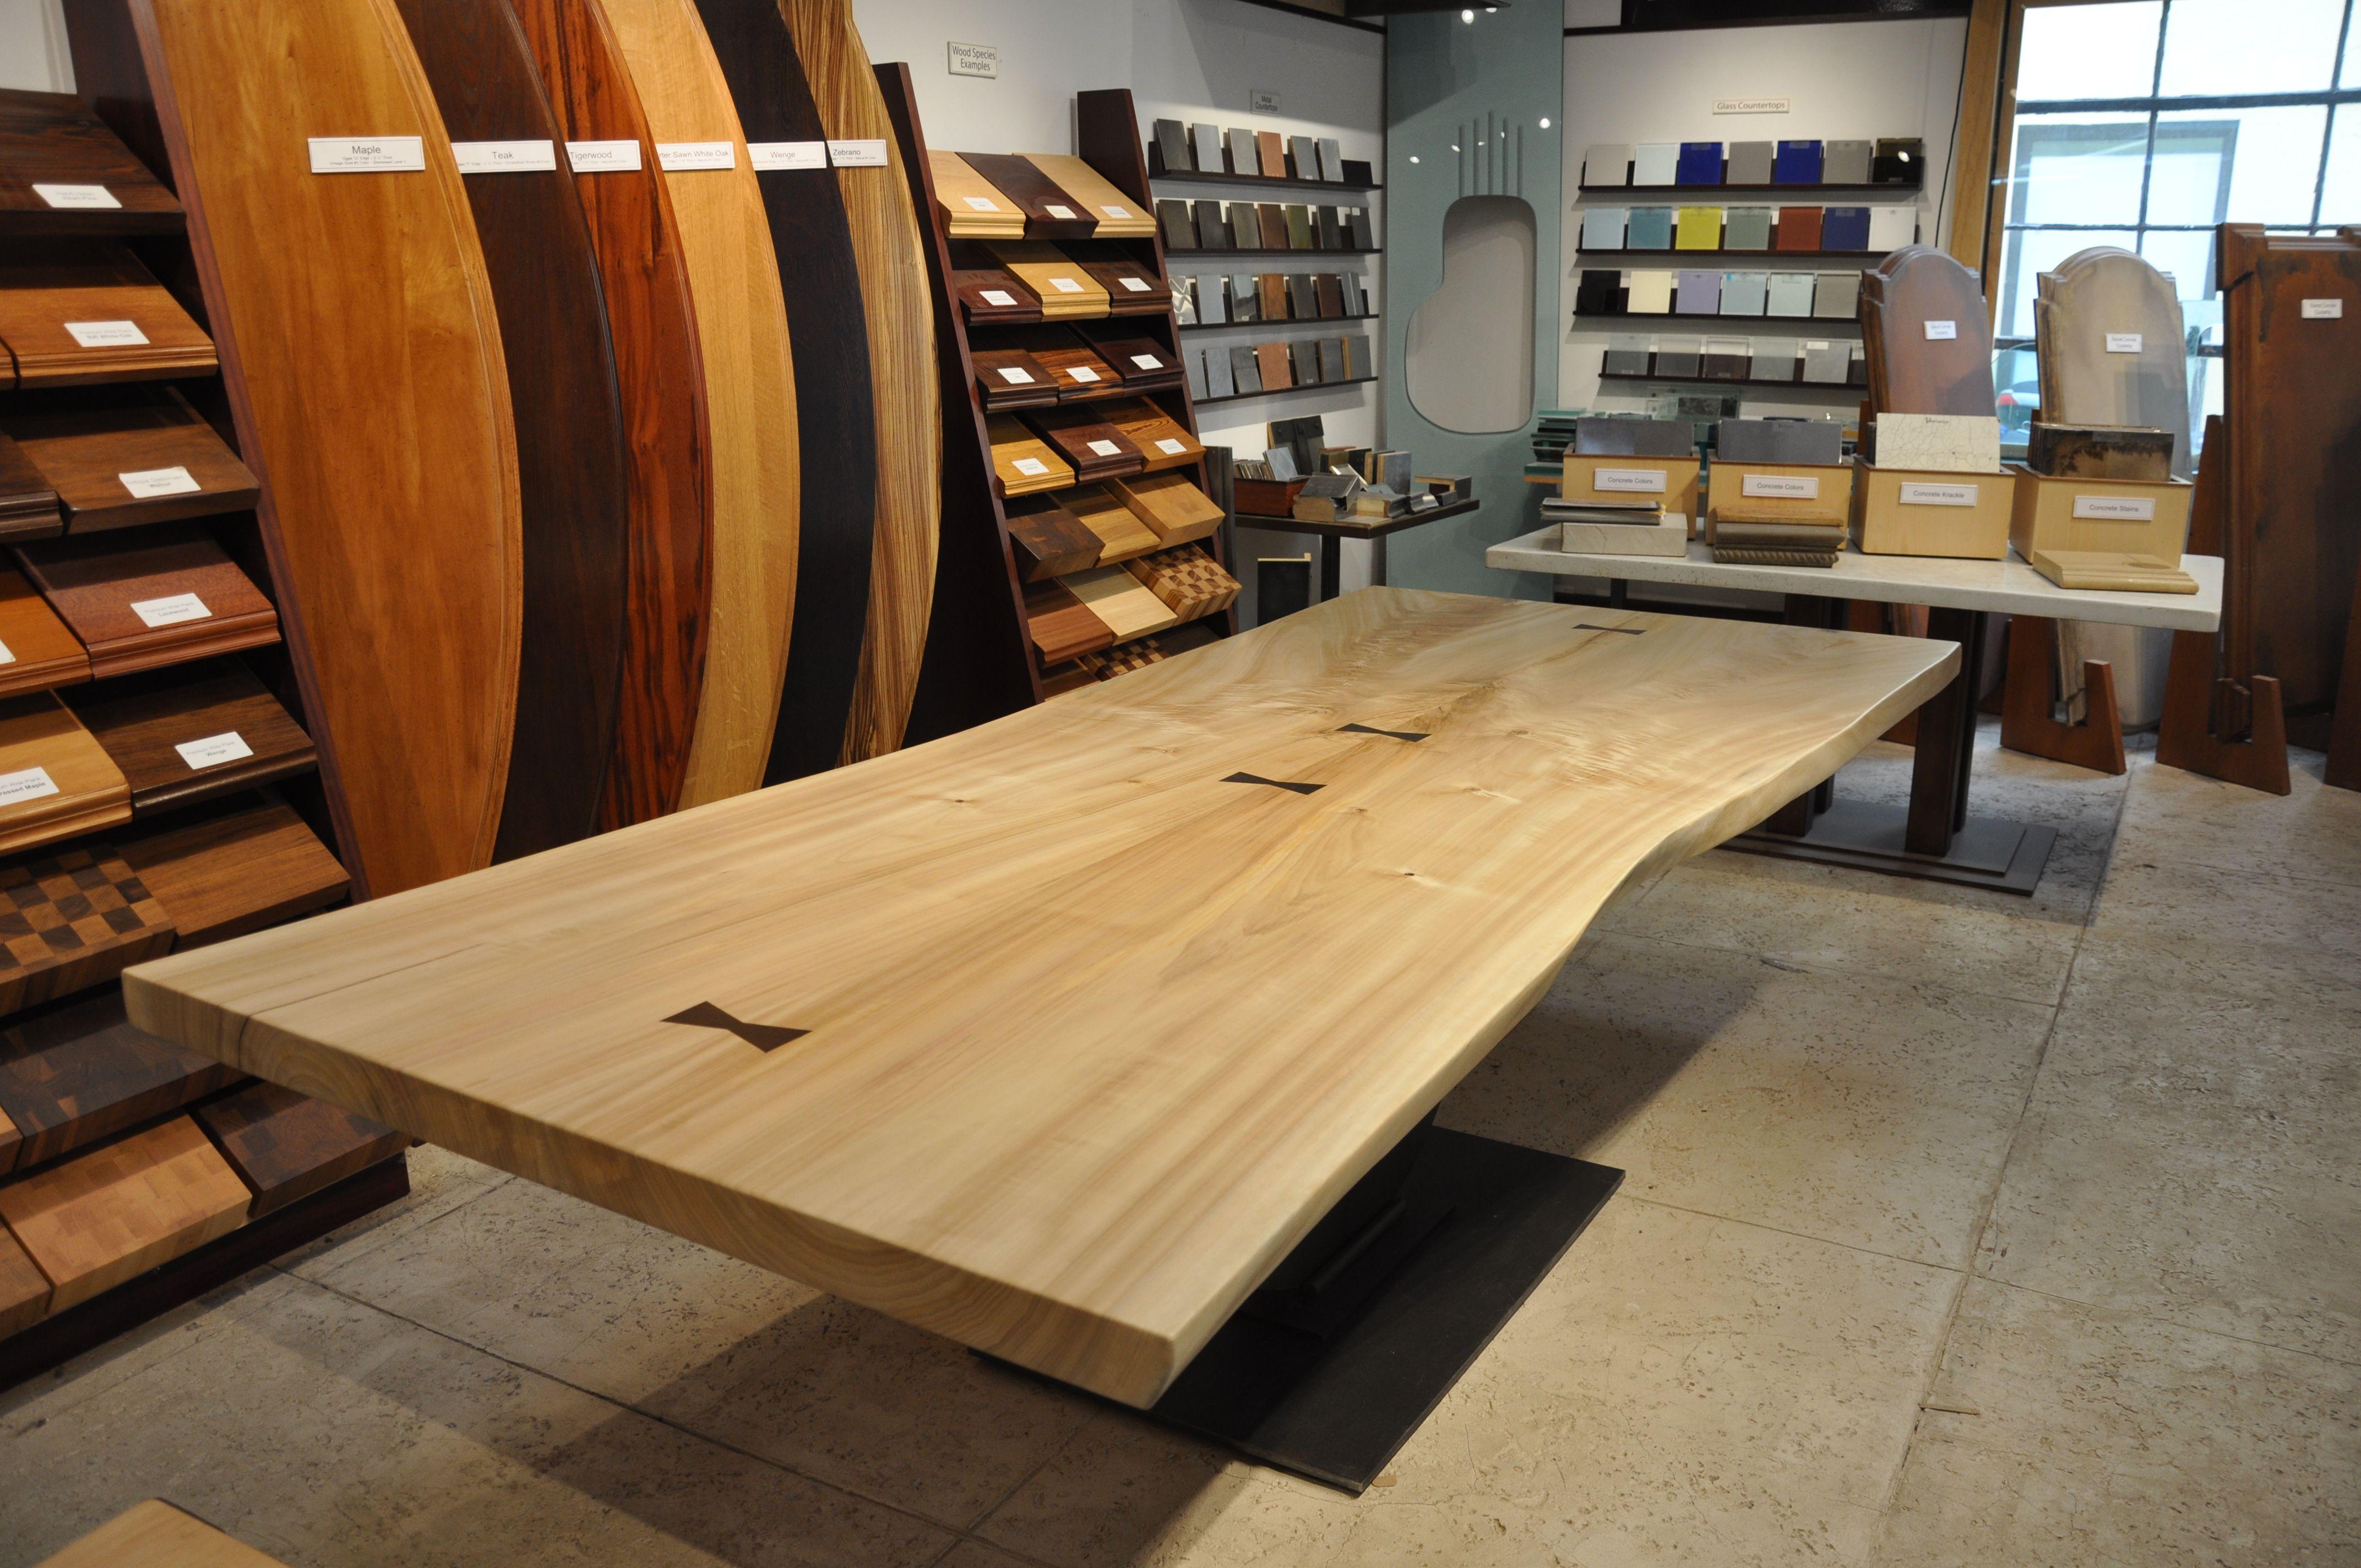 Cotton Wood Live Edge   Brooks Custom Liveedgewoodcountertops.com # Cottonwood #liveedge #diningroom #table #furniture